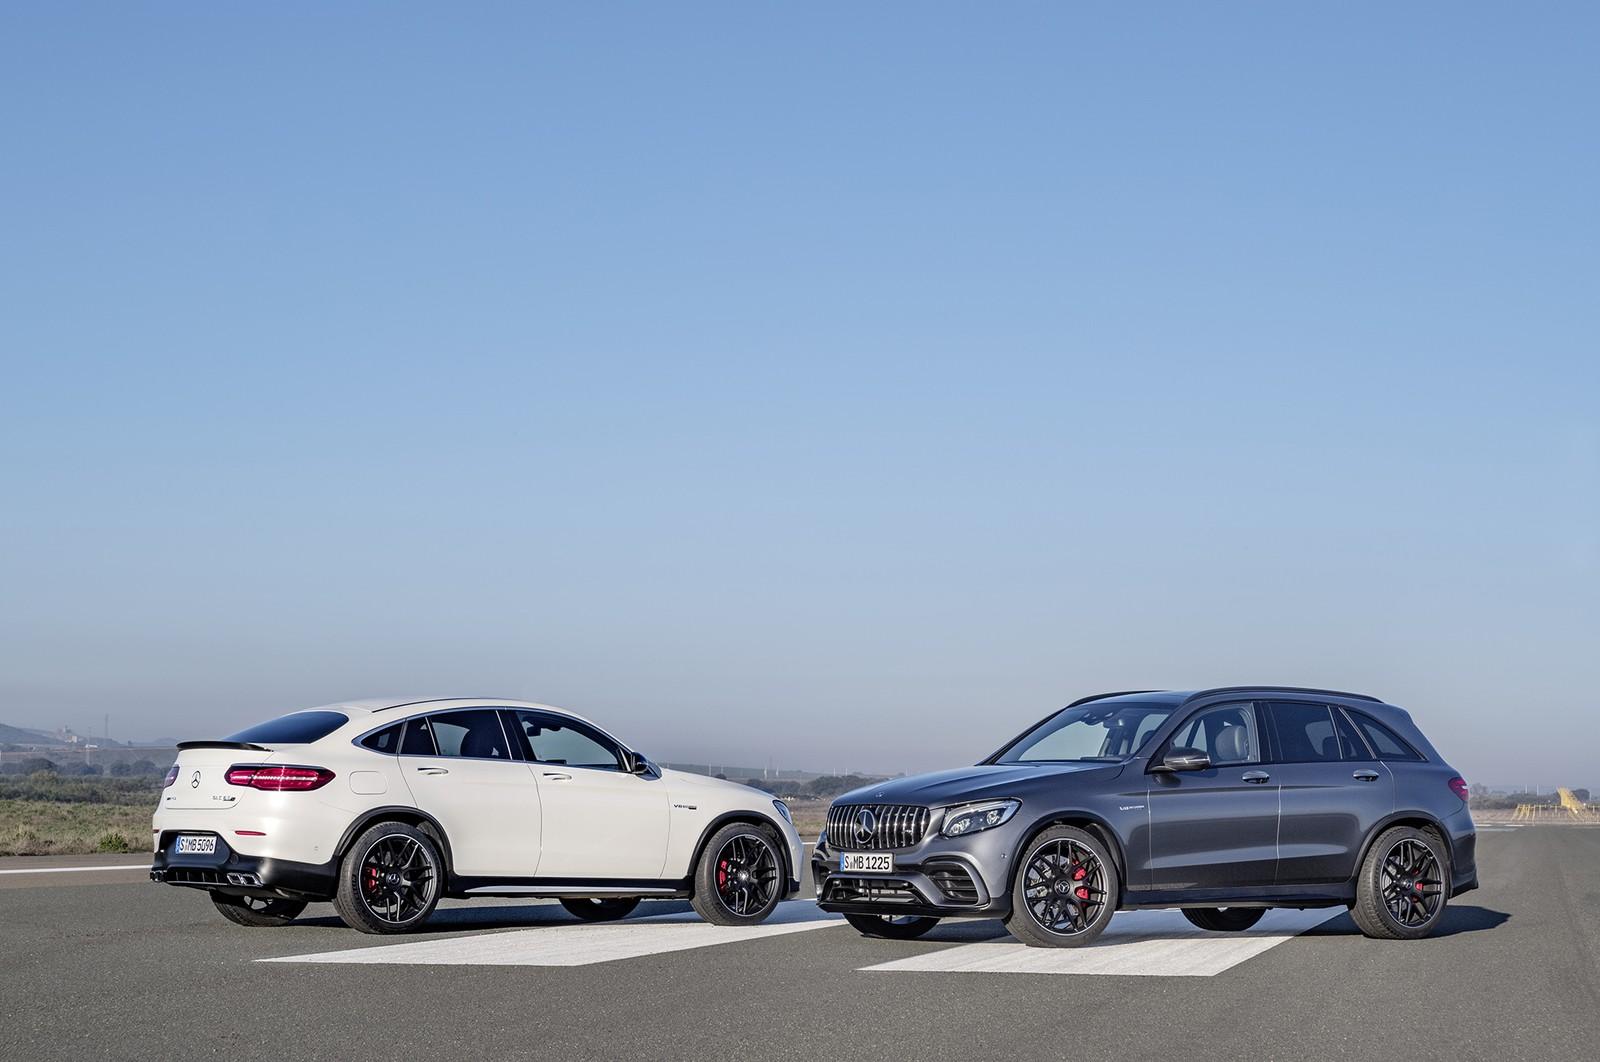 """Em razão do volume de vendas do segmento SUV, a Mercedes resolveu lançar no Brasil um novo SUV esportivo: o AMG GLC 63 nas versões """"tradicional"""" e Coupé."""